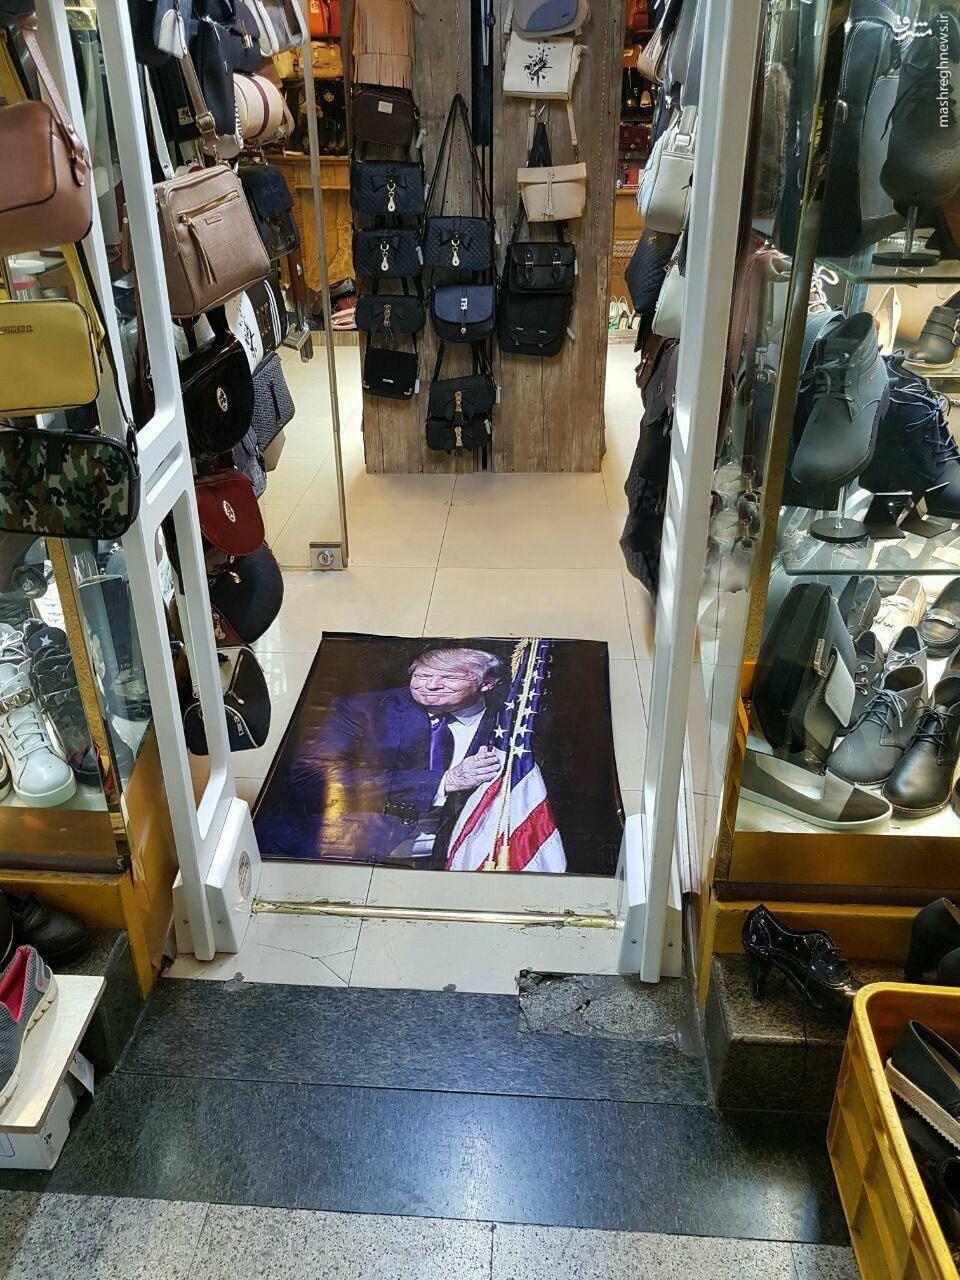 عکس/ ترامپ زیر پای مشتریان یک کفش فروشی